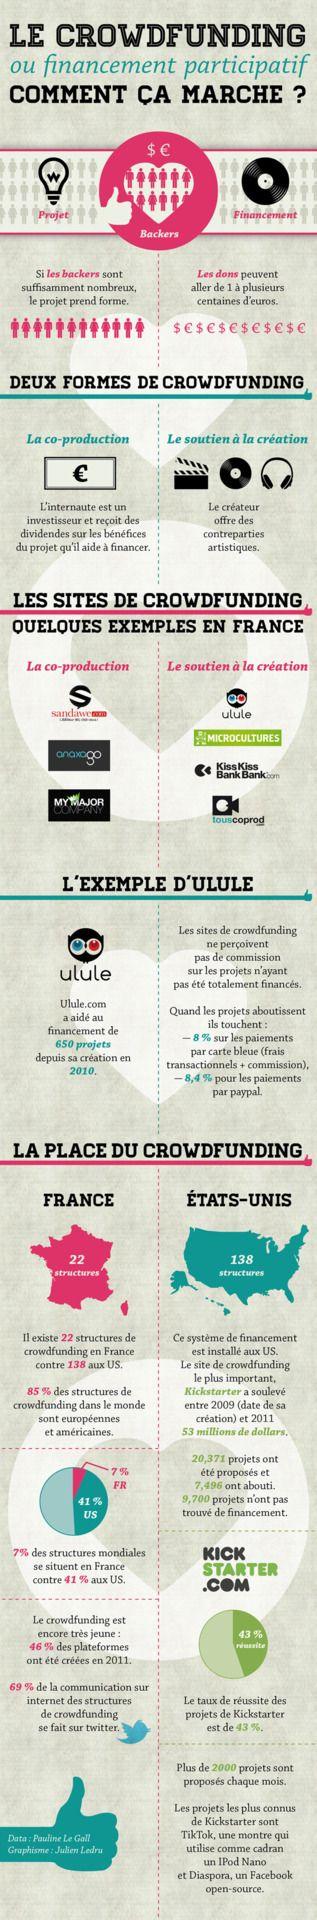 Infographie du crowdfunding, réalisée par Julien Ledru et Pauline Le Gall - Avril 2012